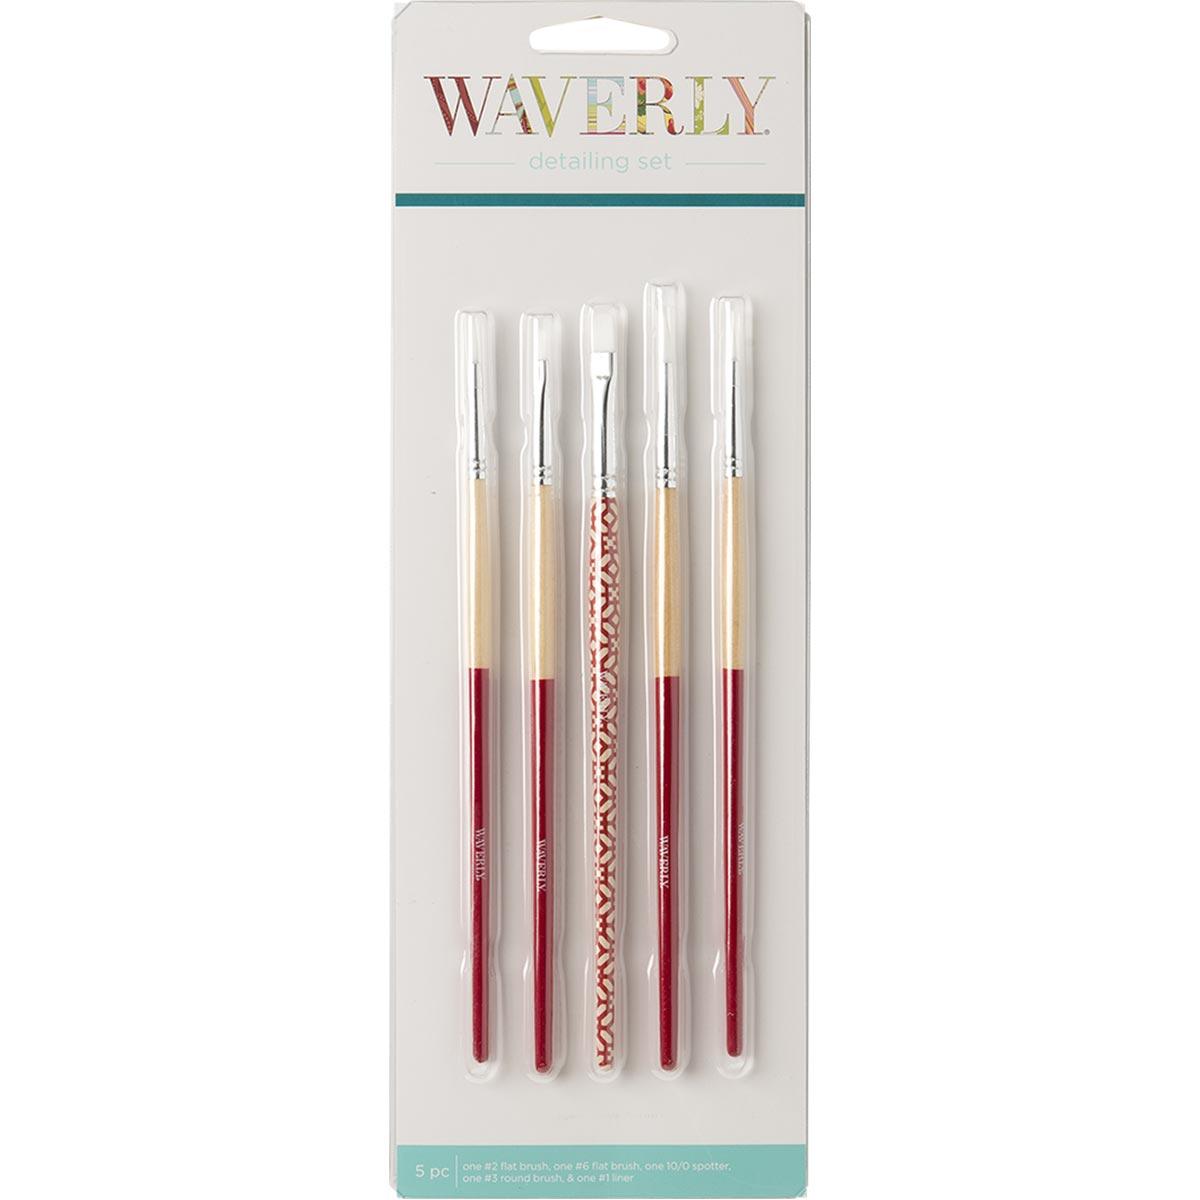 Waverly ® Brushes - Detail Set, 5 pc.